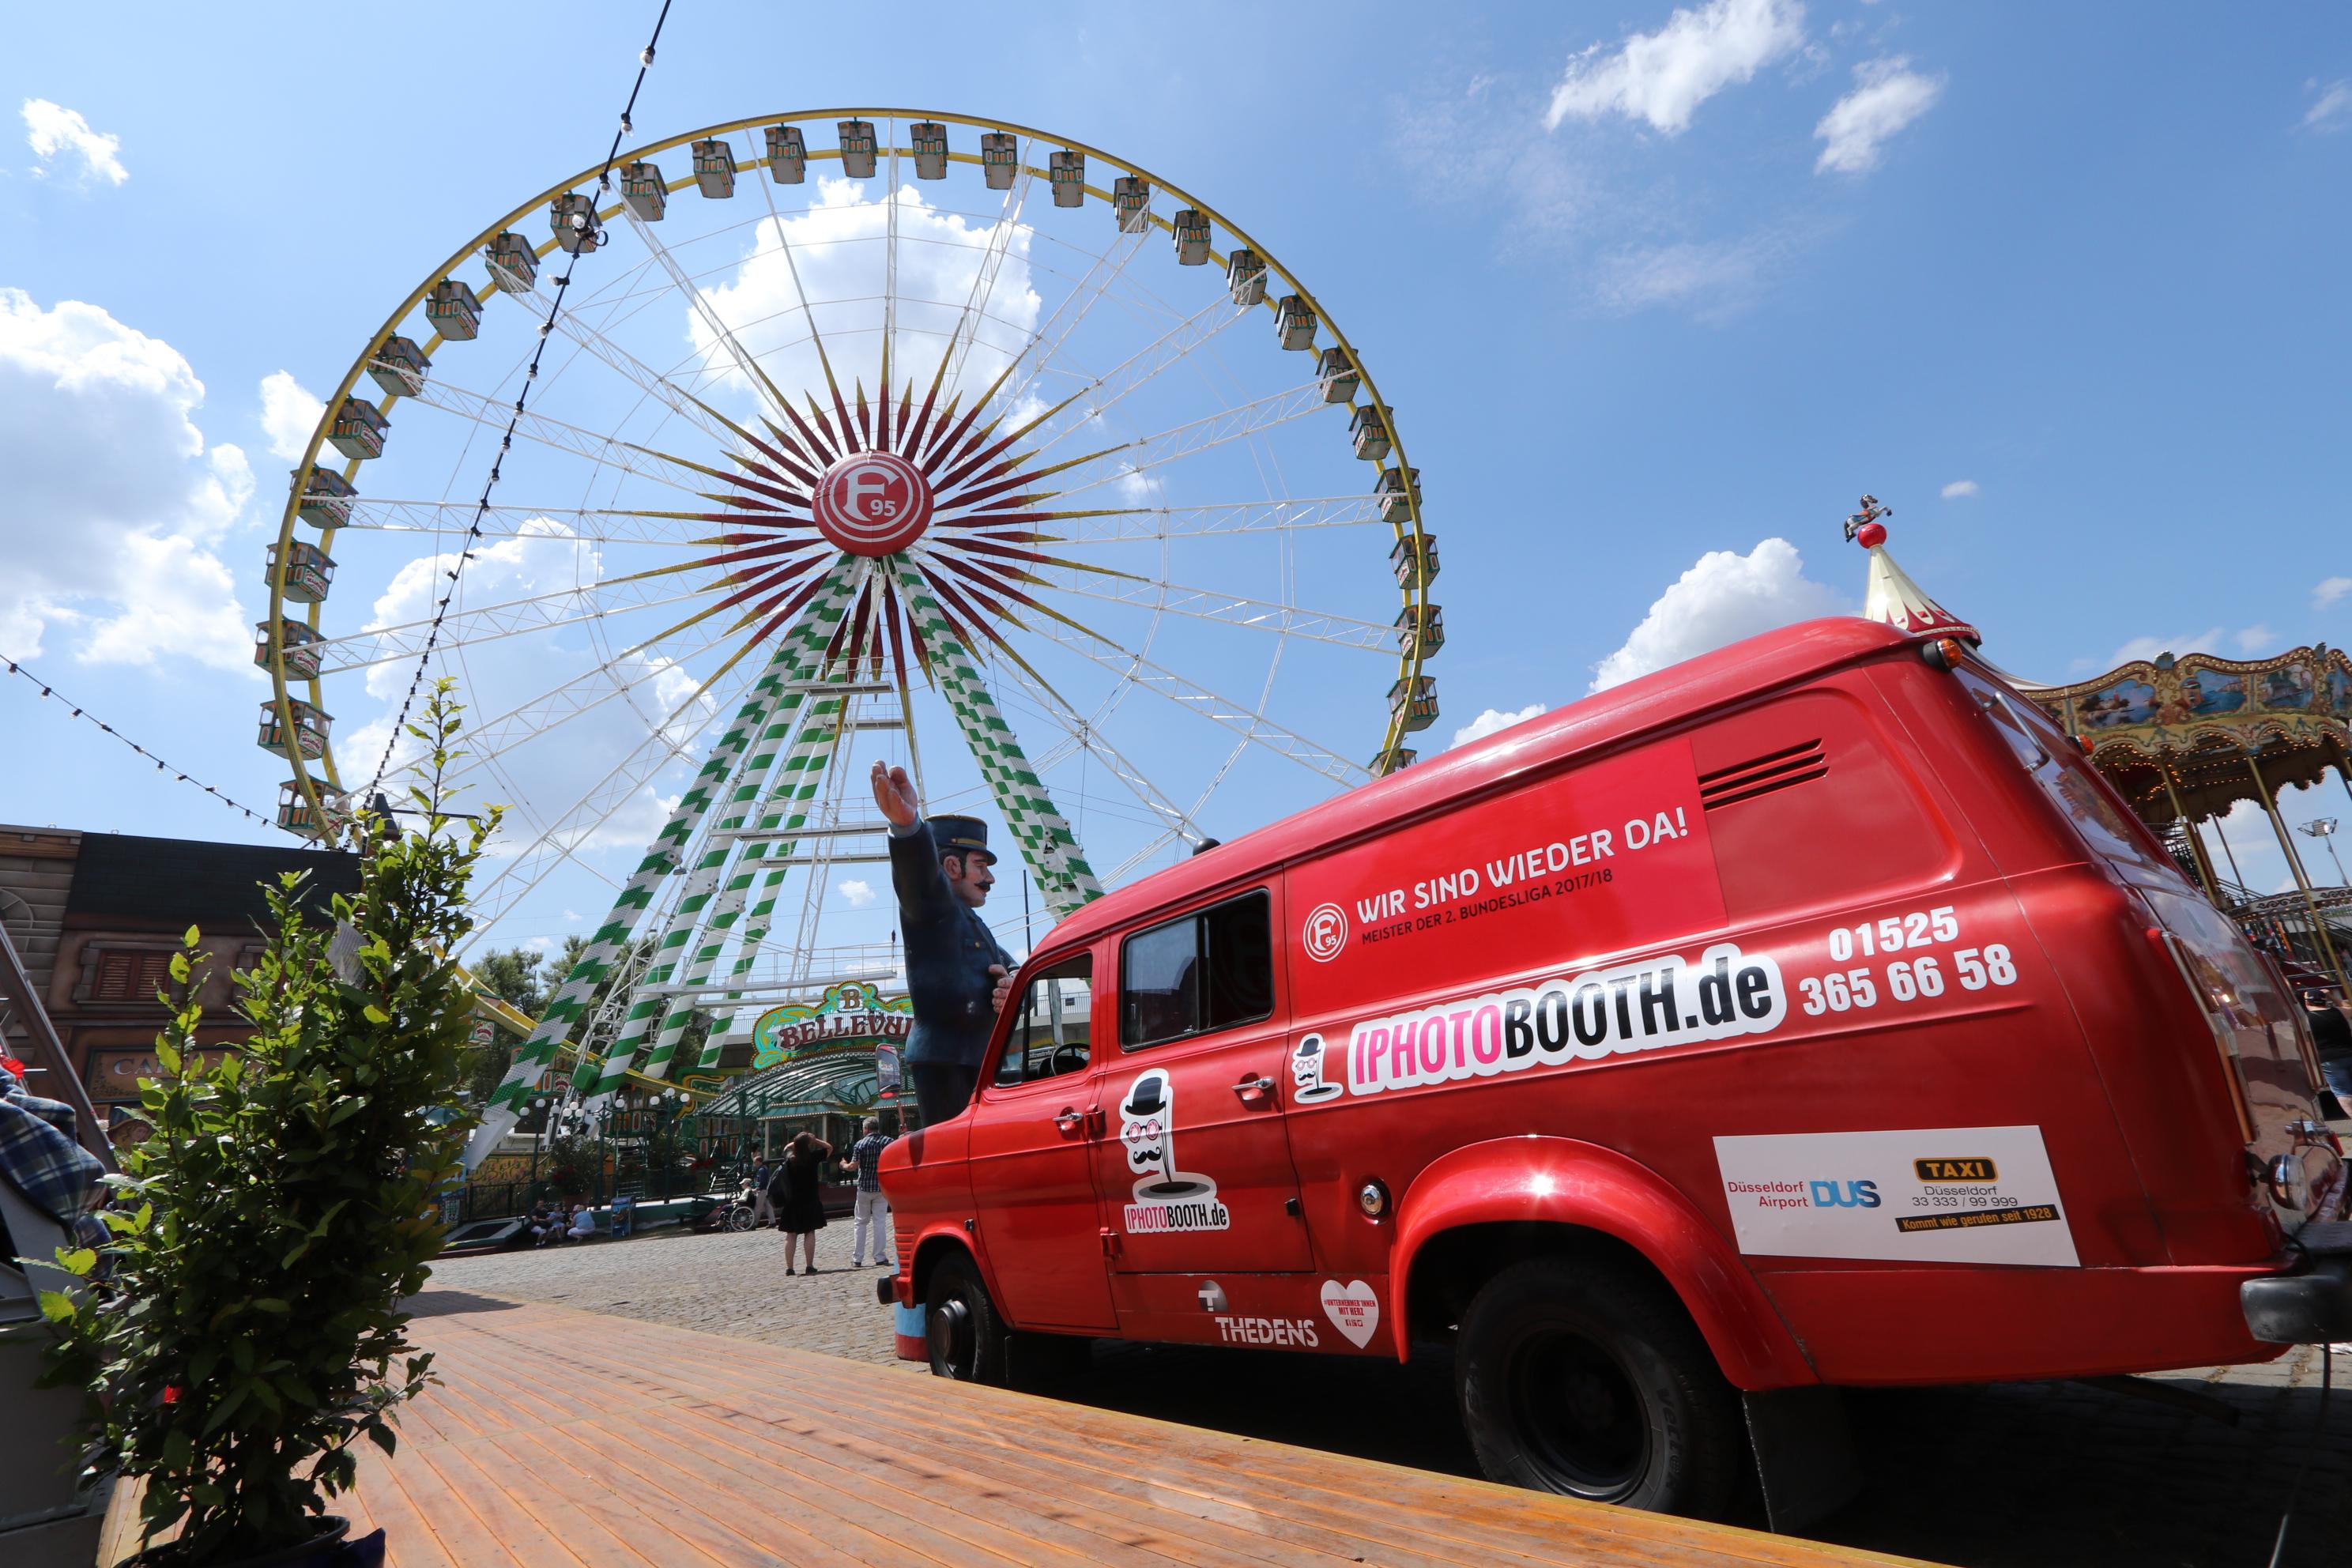 Feuerwehr-Fotobus